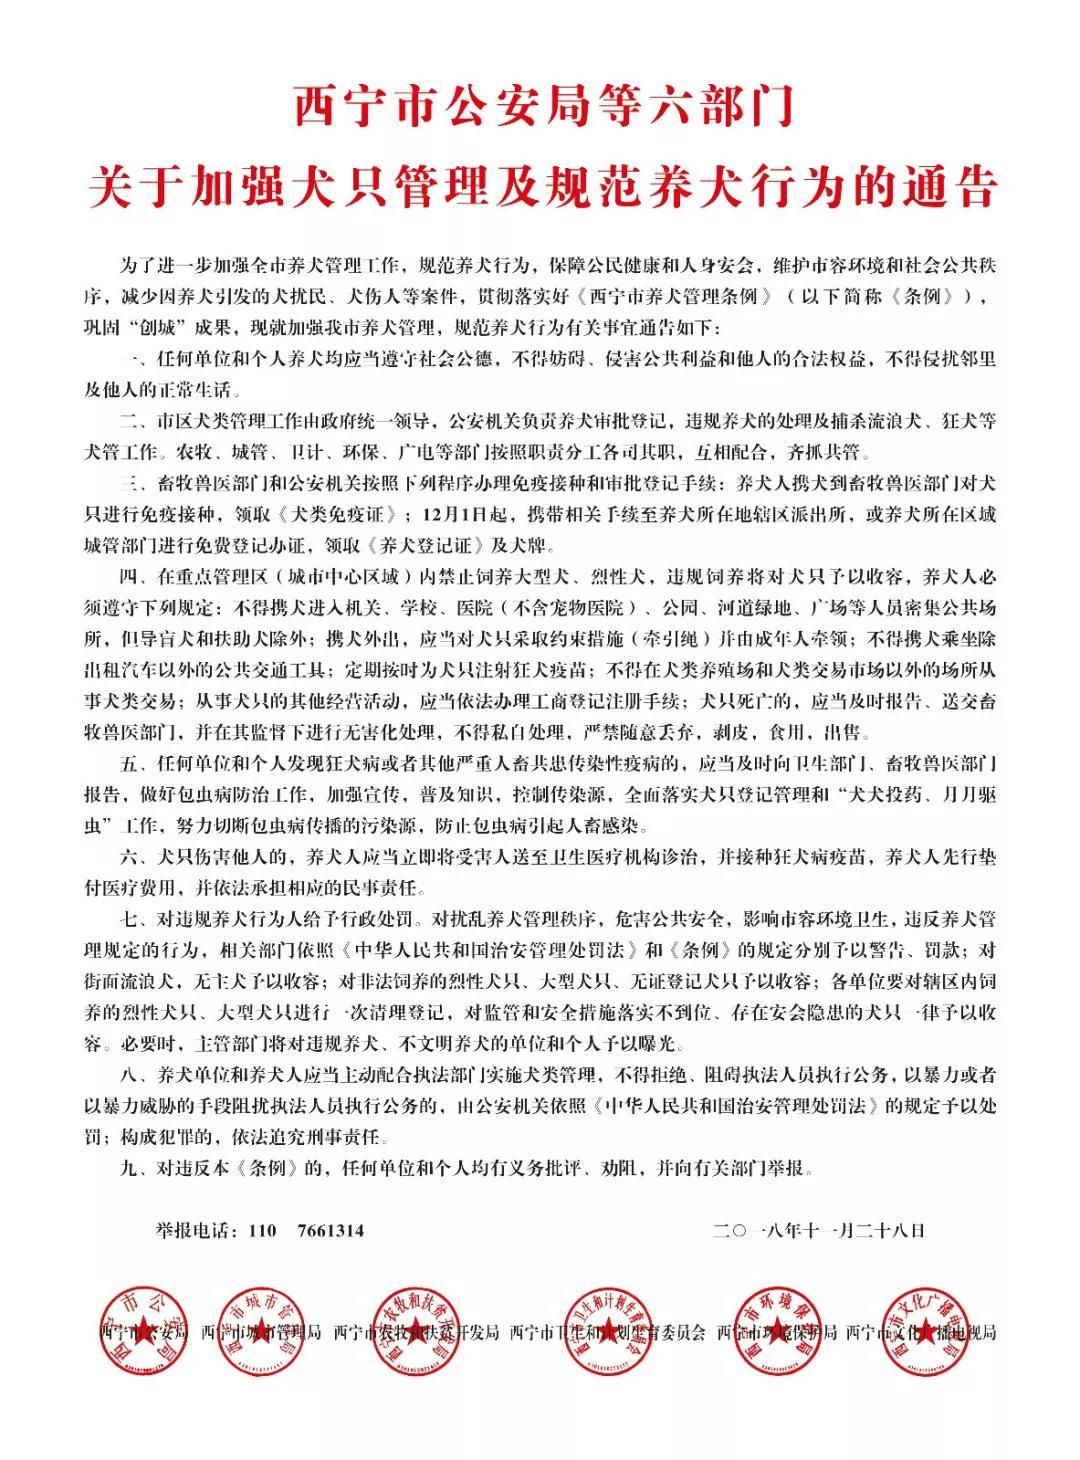 狗狗不可任性养!西宁市六部门发布犬只管理通告